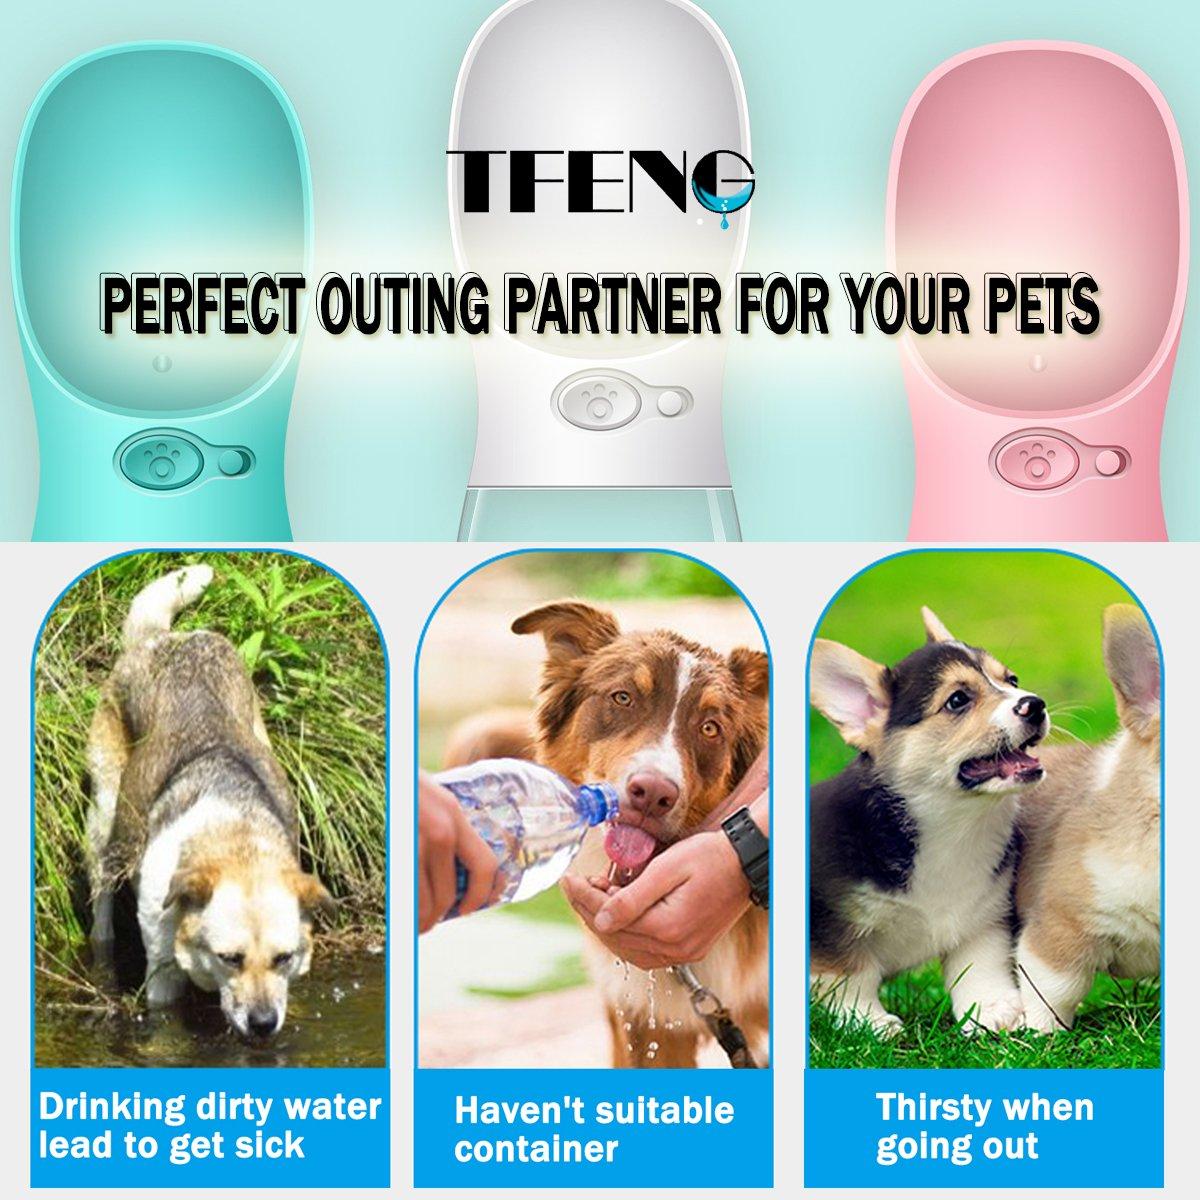 TFENG Hunde Wasserflasche, Tragbare Travel Hund Katze Haustier Trinkflasche für Reise Camping, Wandern, Training, Unterwegs Unterwegs (Size L Pink) TFENG Inc.